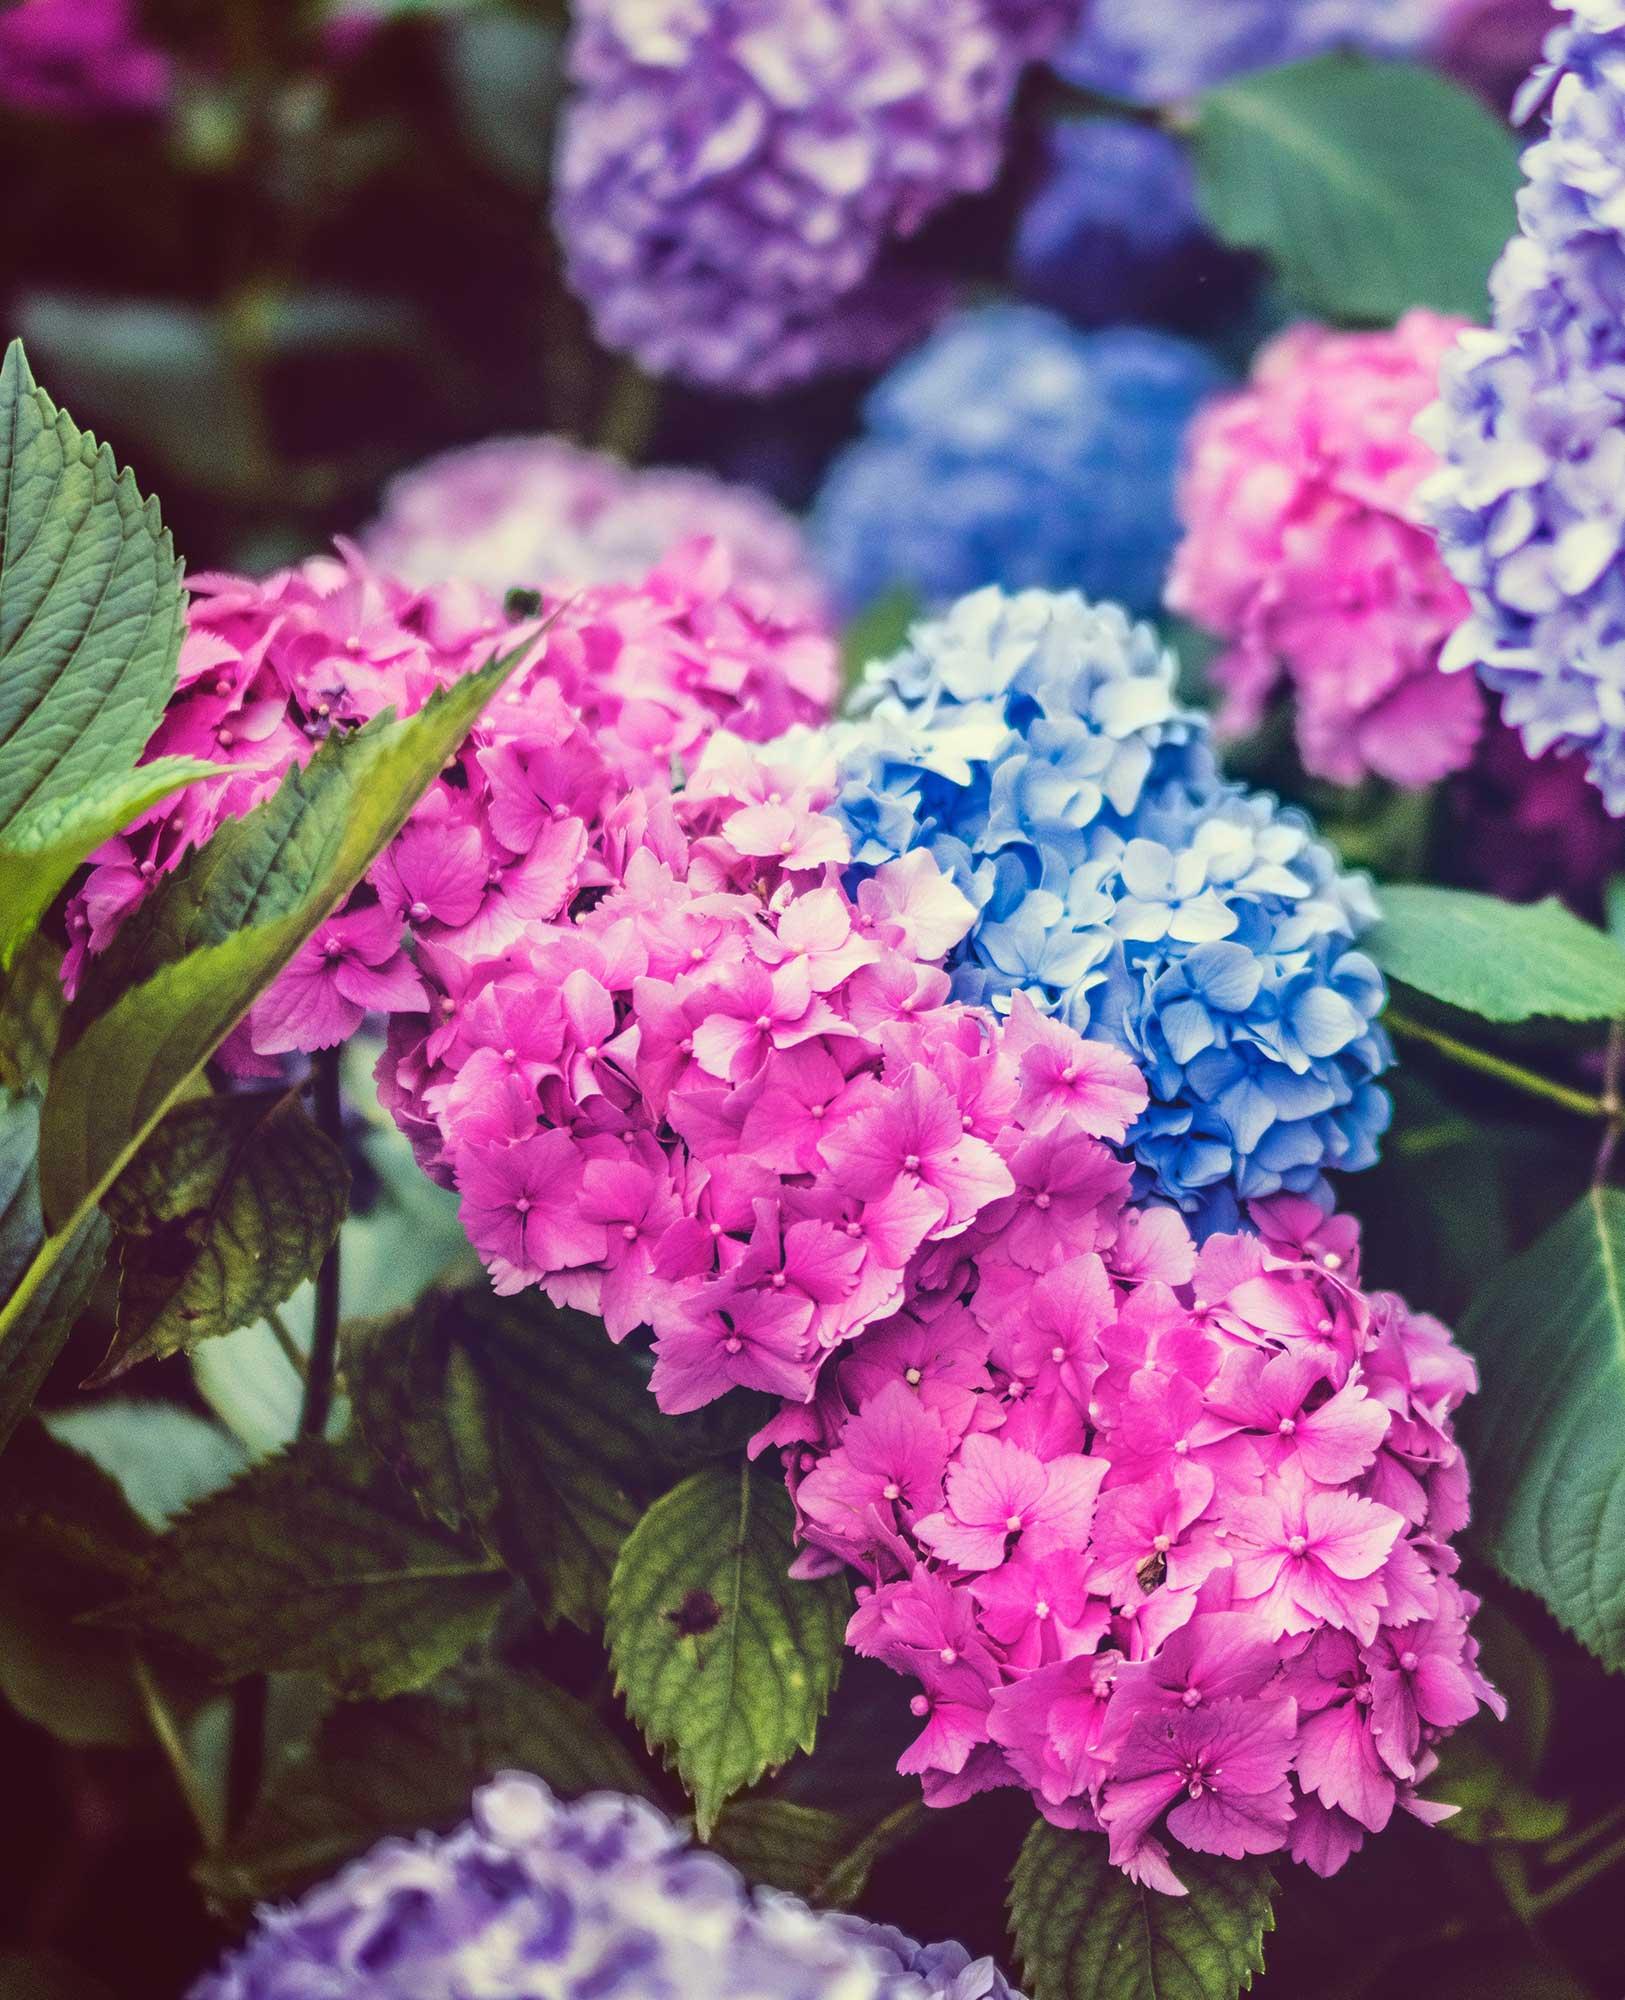 Multicolored hydrangea